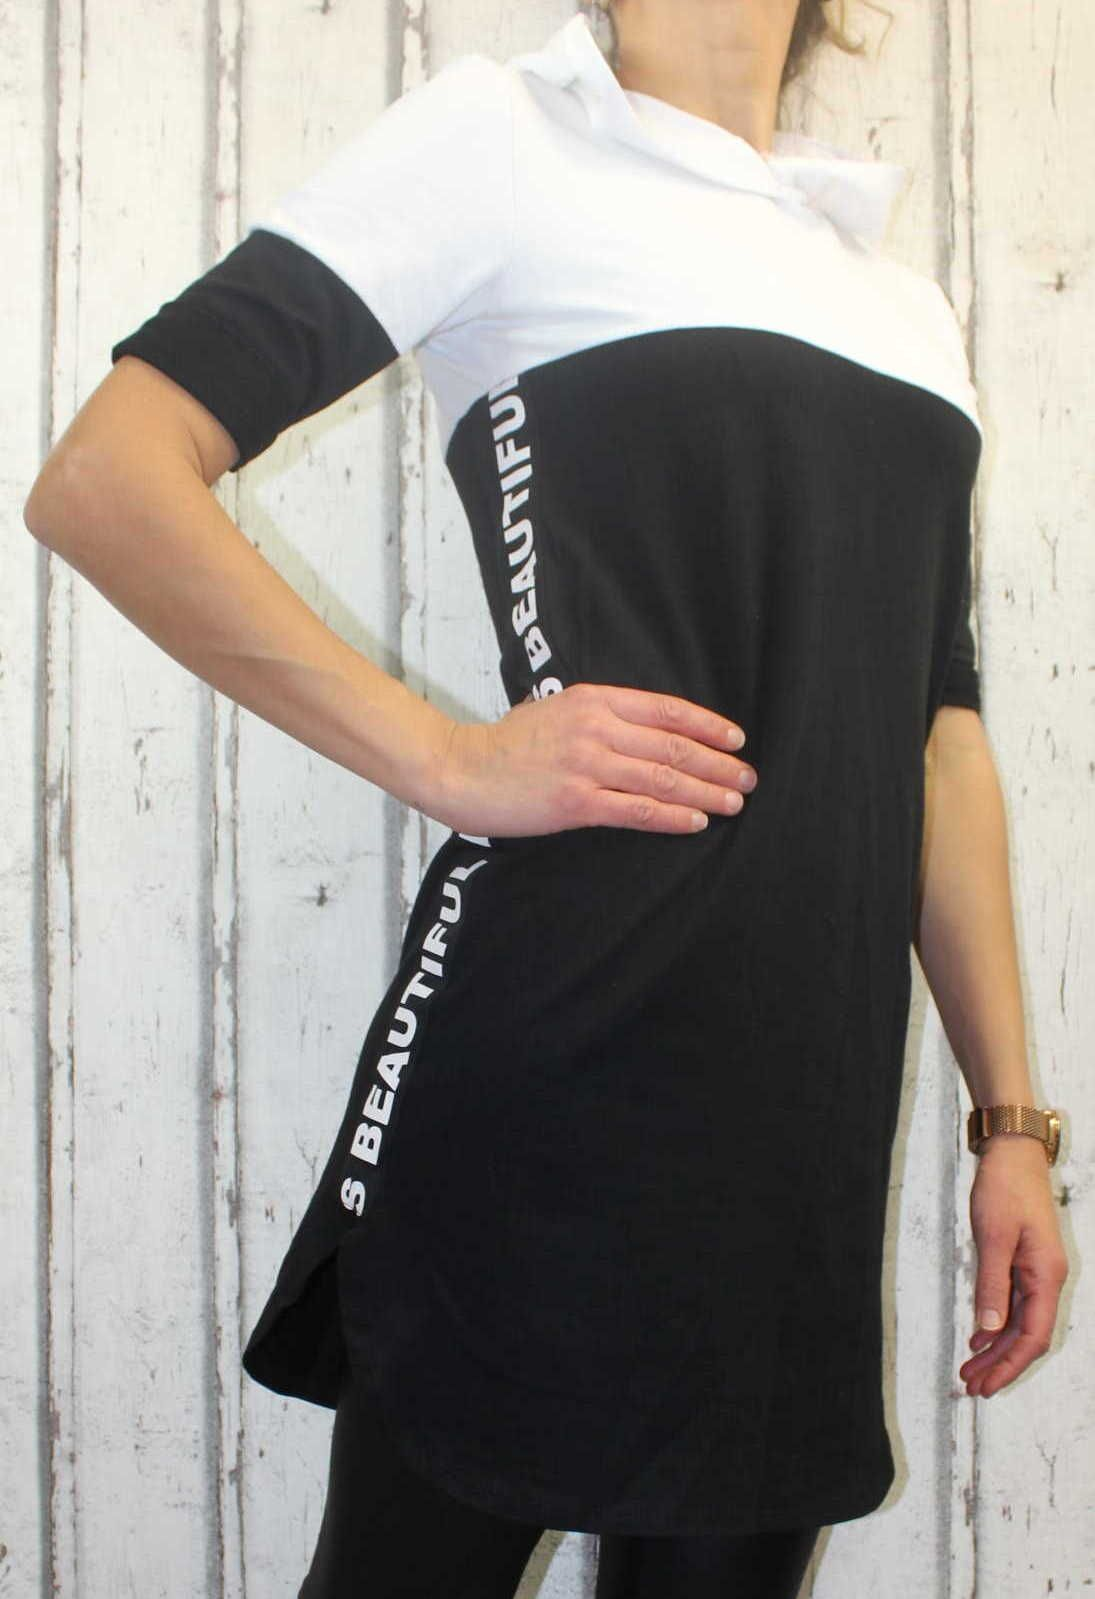 Dámské teplákové šaty, bavlněné sportovní šaty, dlouhá mikina, mikinové šaty, dámské šaty s kapucí Italy Moda